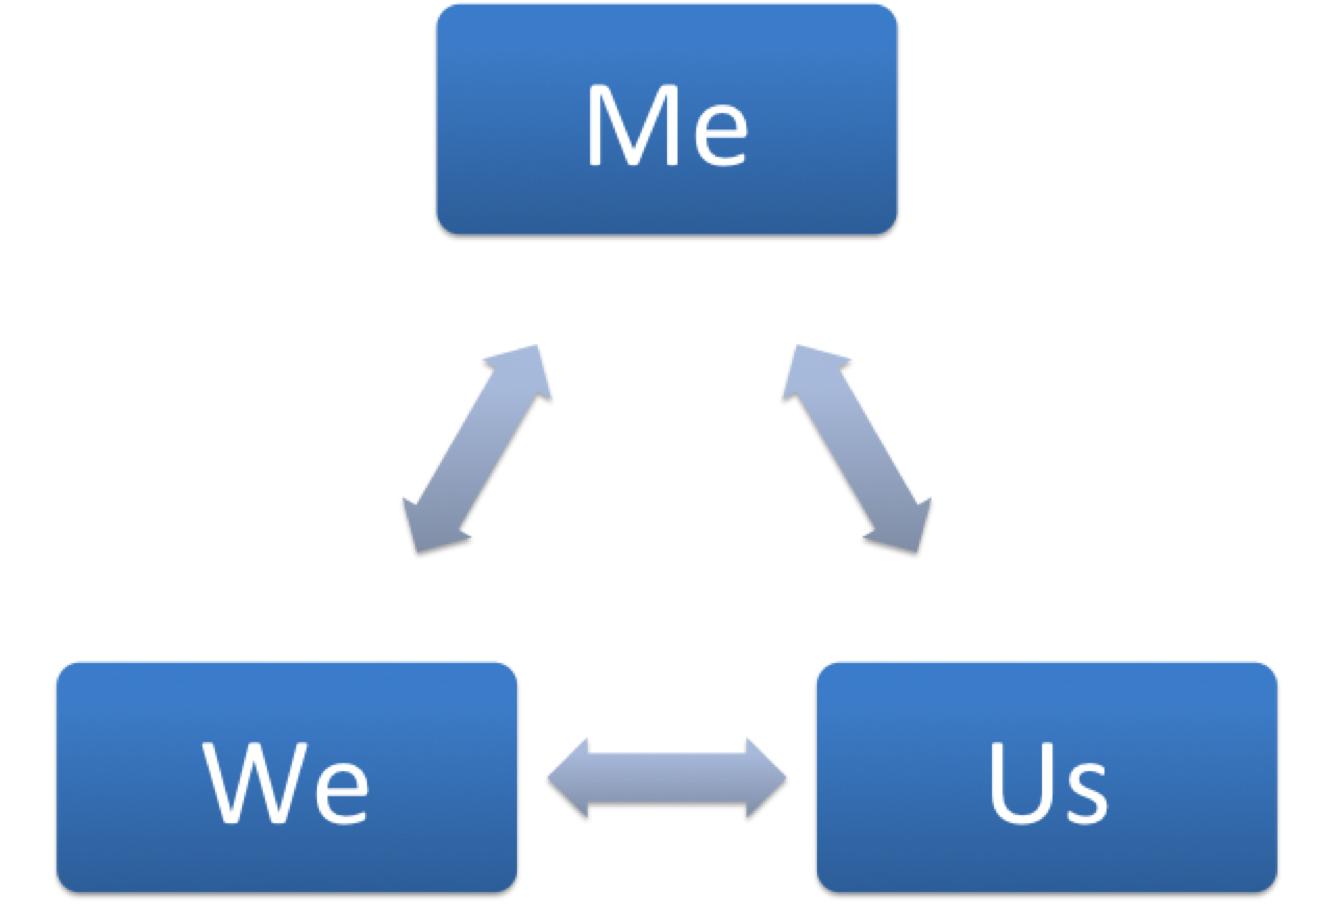 Aaron Jarden's Me, We & Us wellbeing model